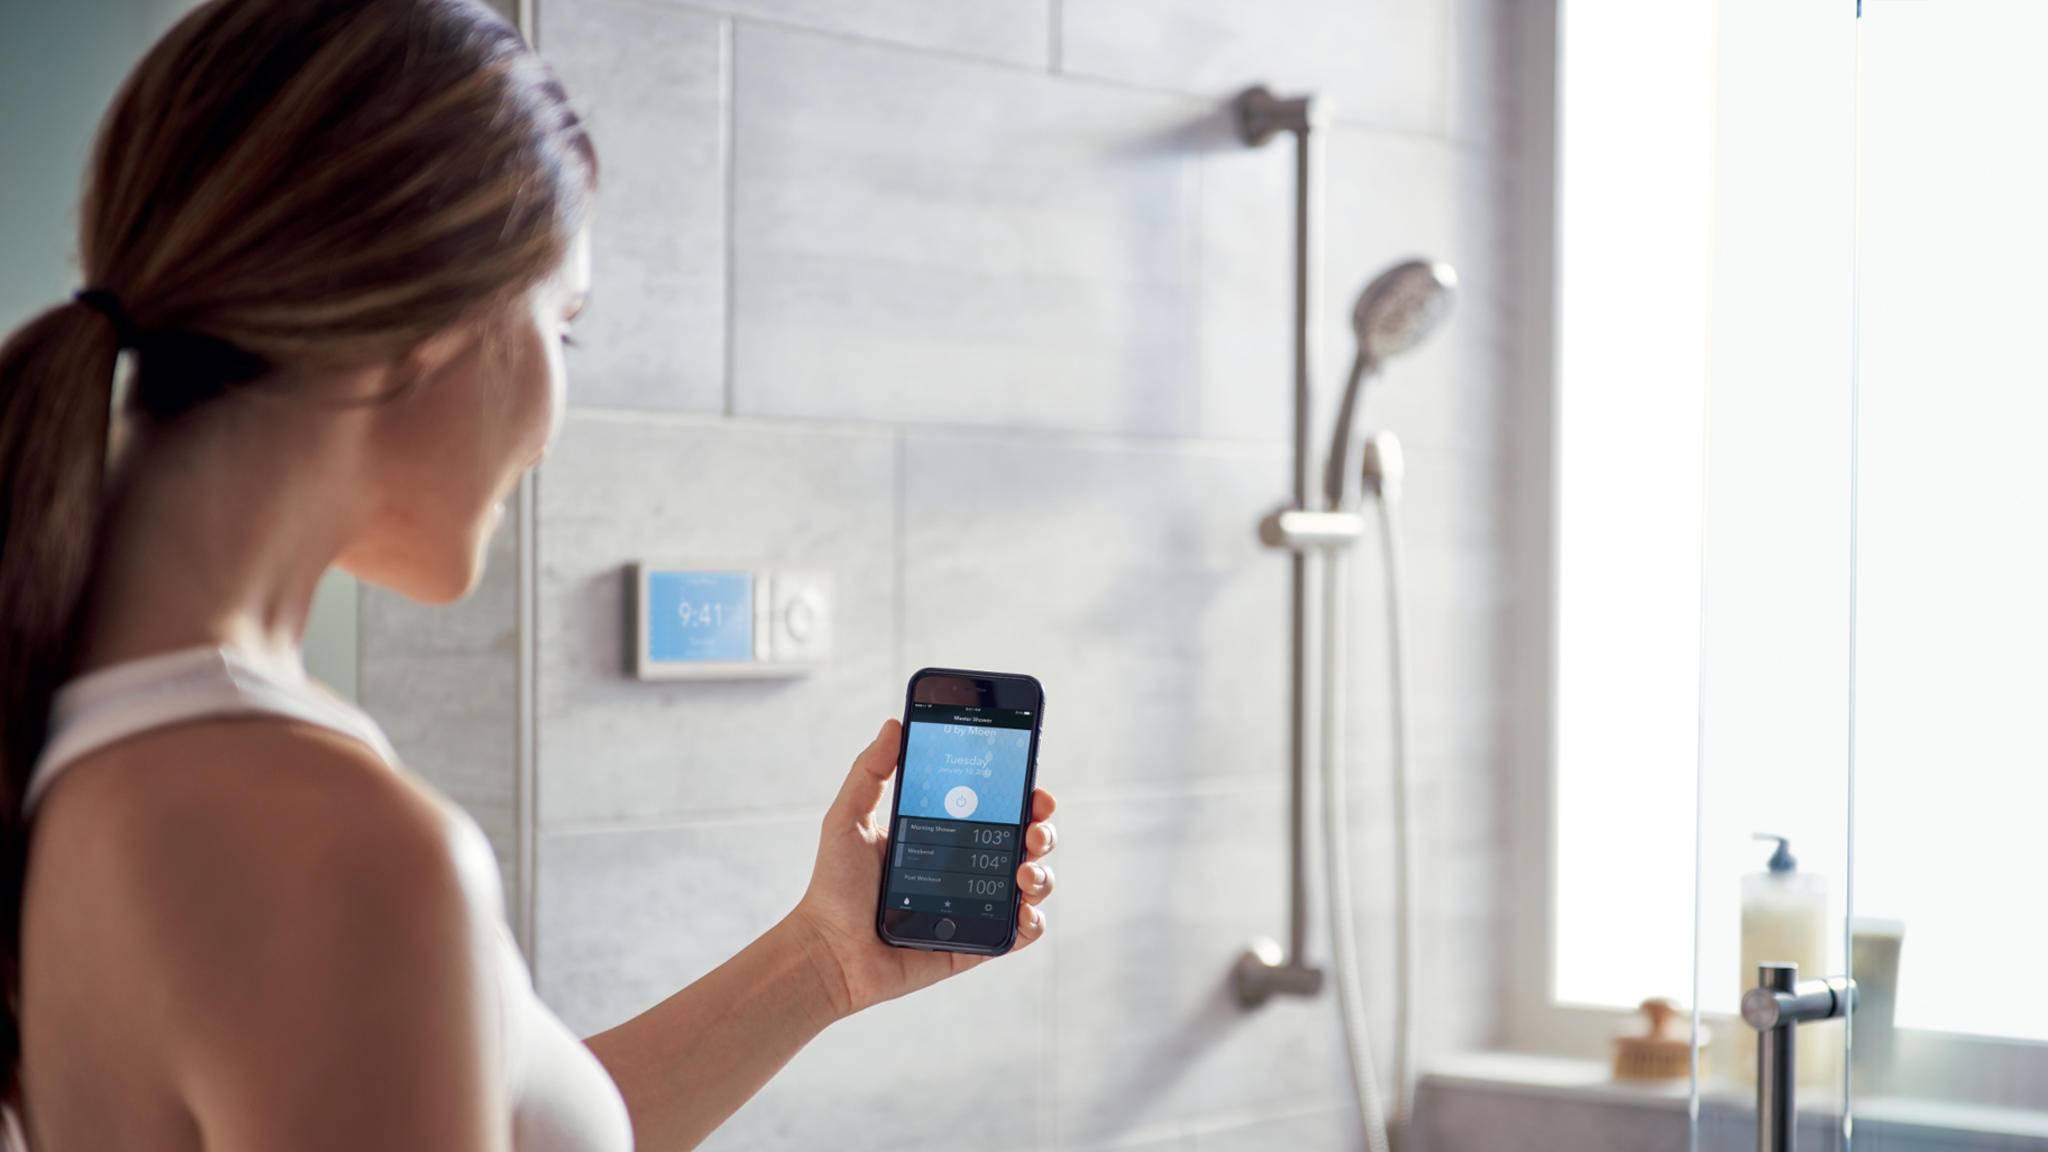 Technik hat im Bad nichts zu suchen? Diese Einbauten belehren Dich eines besseren.